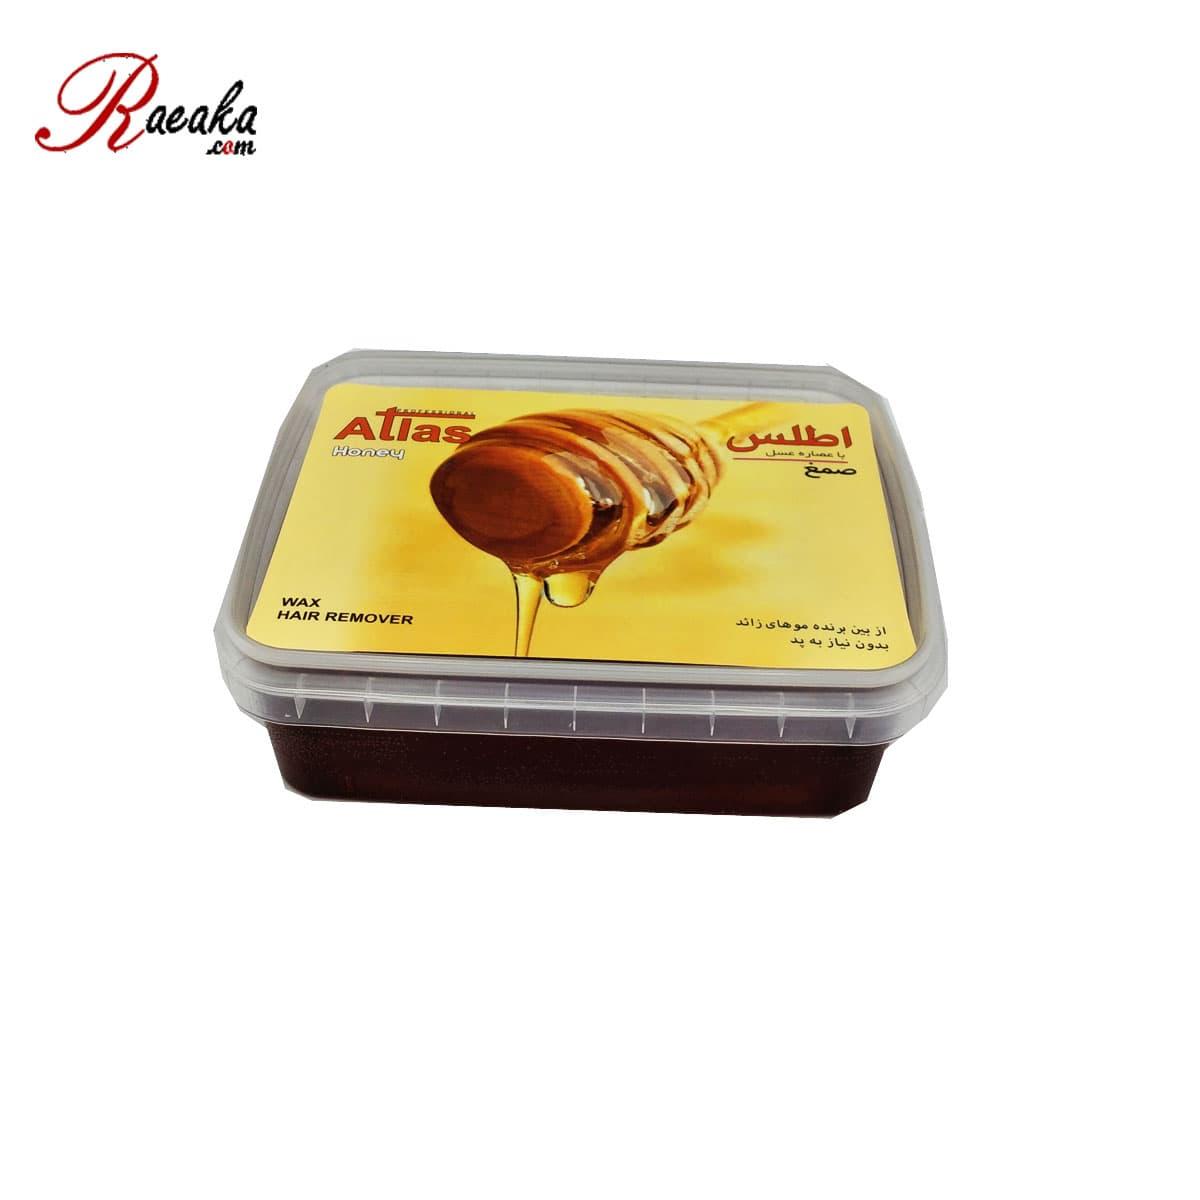 صمغ عربی اطلس با عصاره عسل(بدون نیاز به پد)وزن۵۰۰ گرم